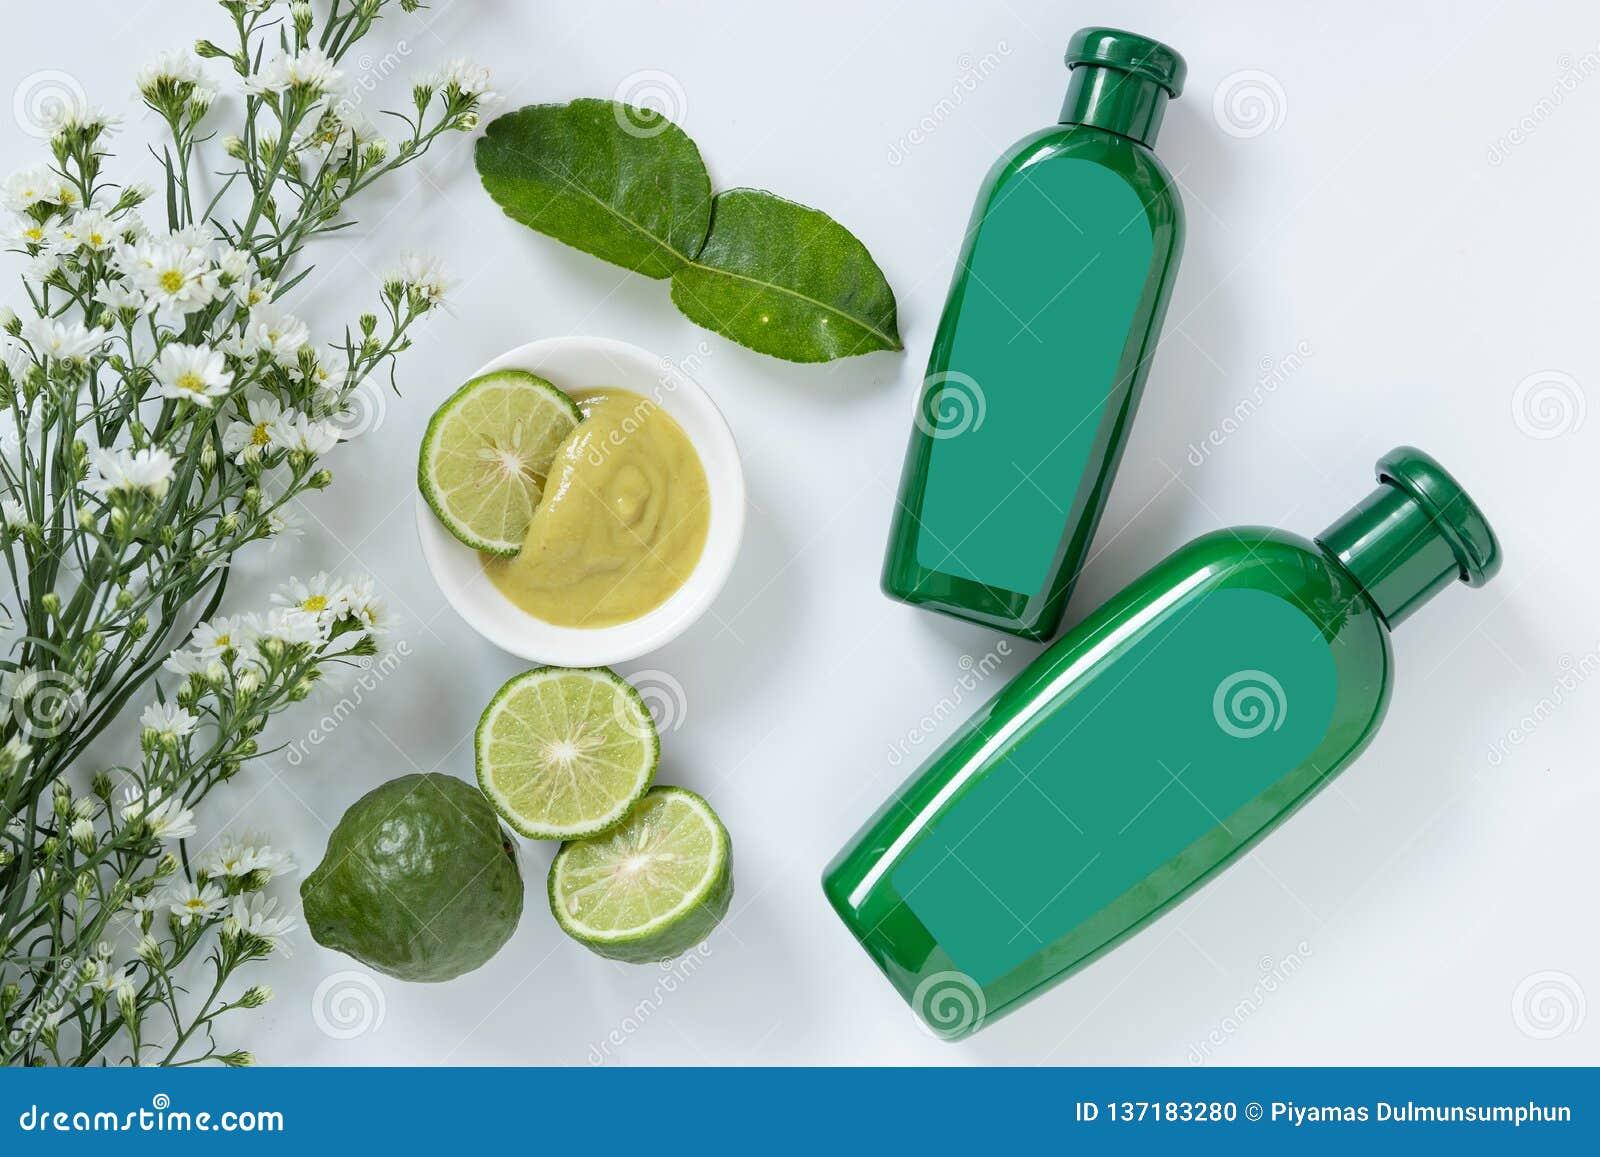 头发概念的天然产品 两绿色塑料瓶的大小有空白的标签的包含草本香柠檬香波